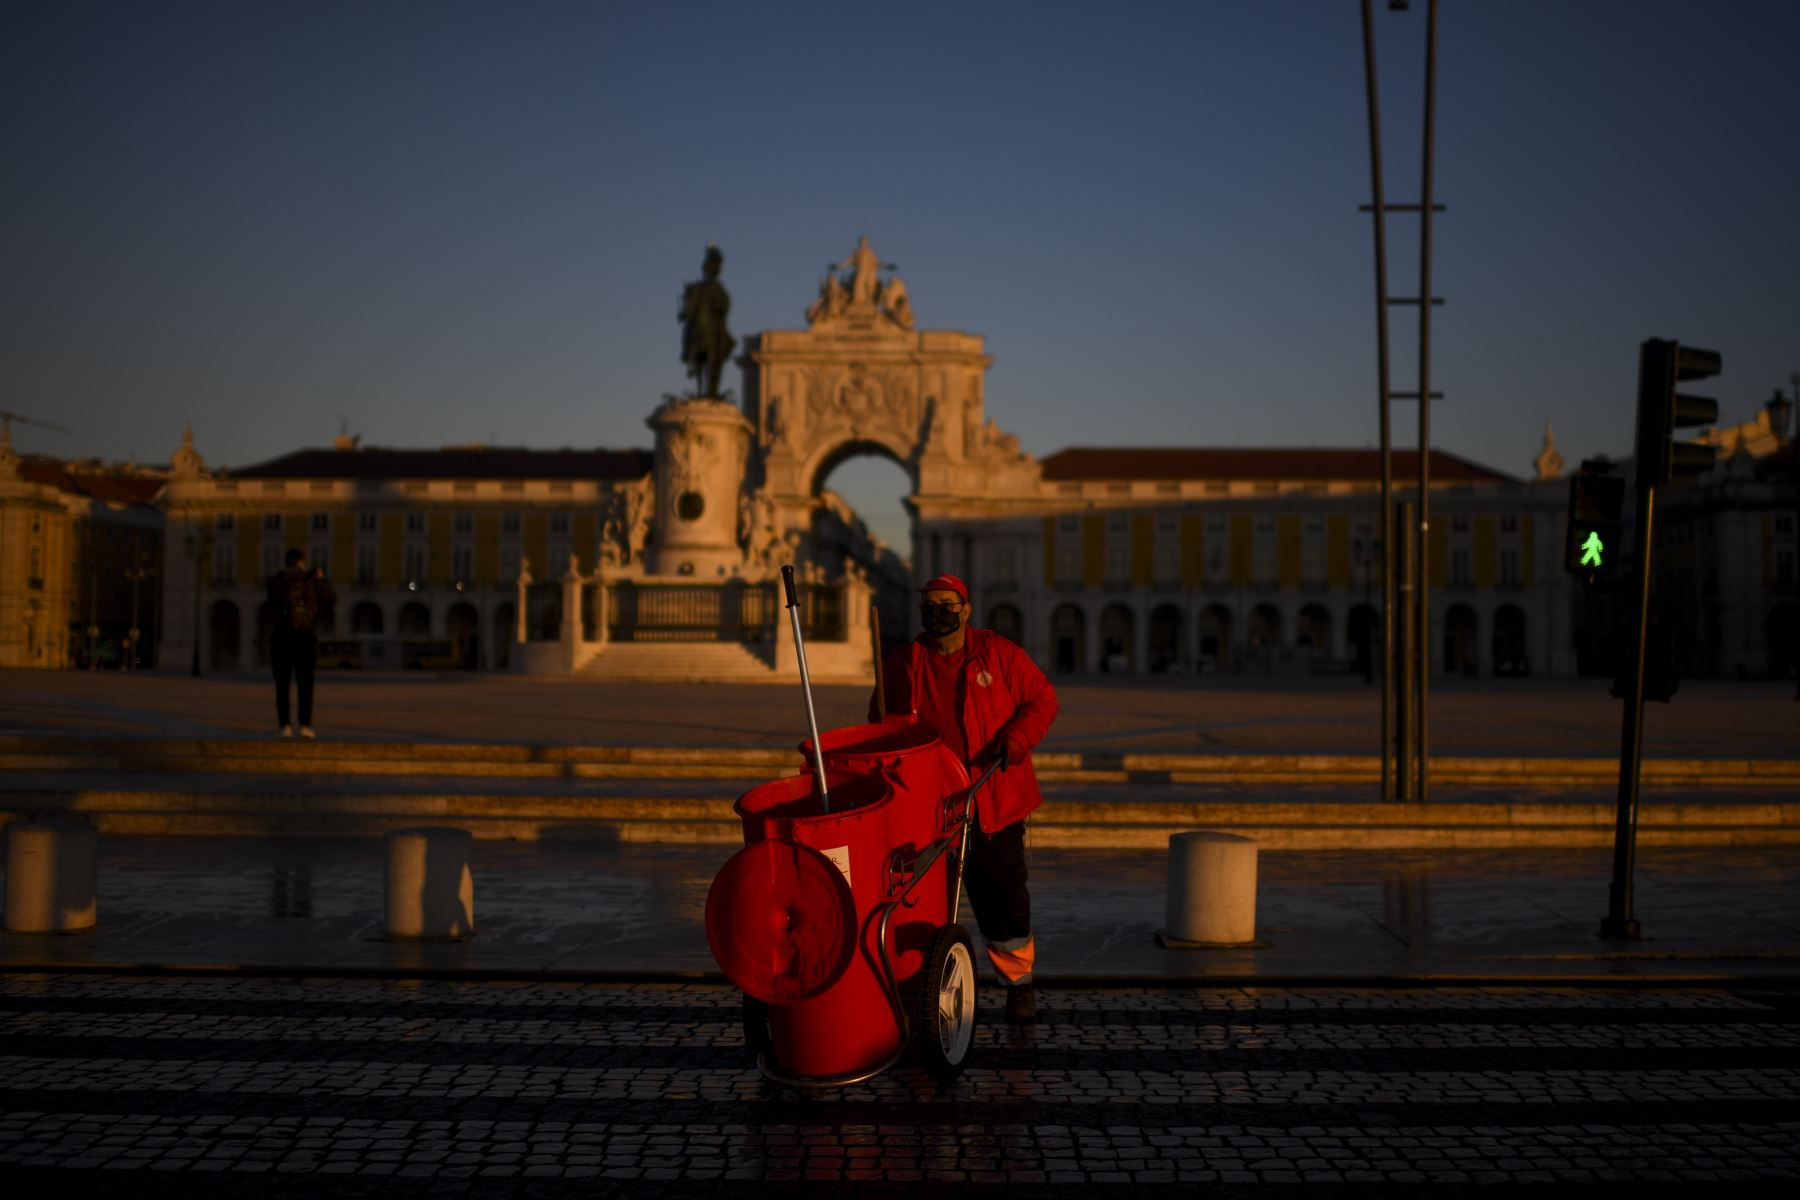 Un trabajador de la ciudad trabaja en la plaza Comercio en Lisboa Portugal, que entró en un nuevo bloqueo por un aumento en los casos de coronavirus. El nuevo coronavirus ha matado al menos a 1.994.833 personas. Foto: AFP